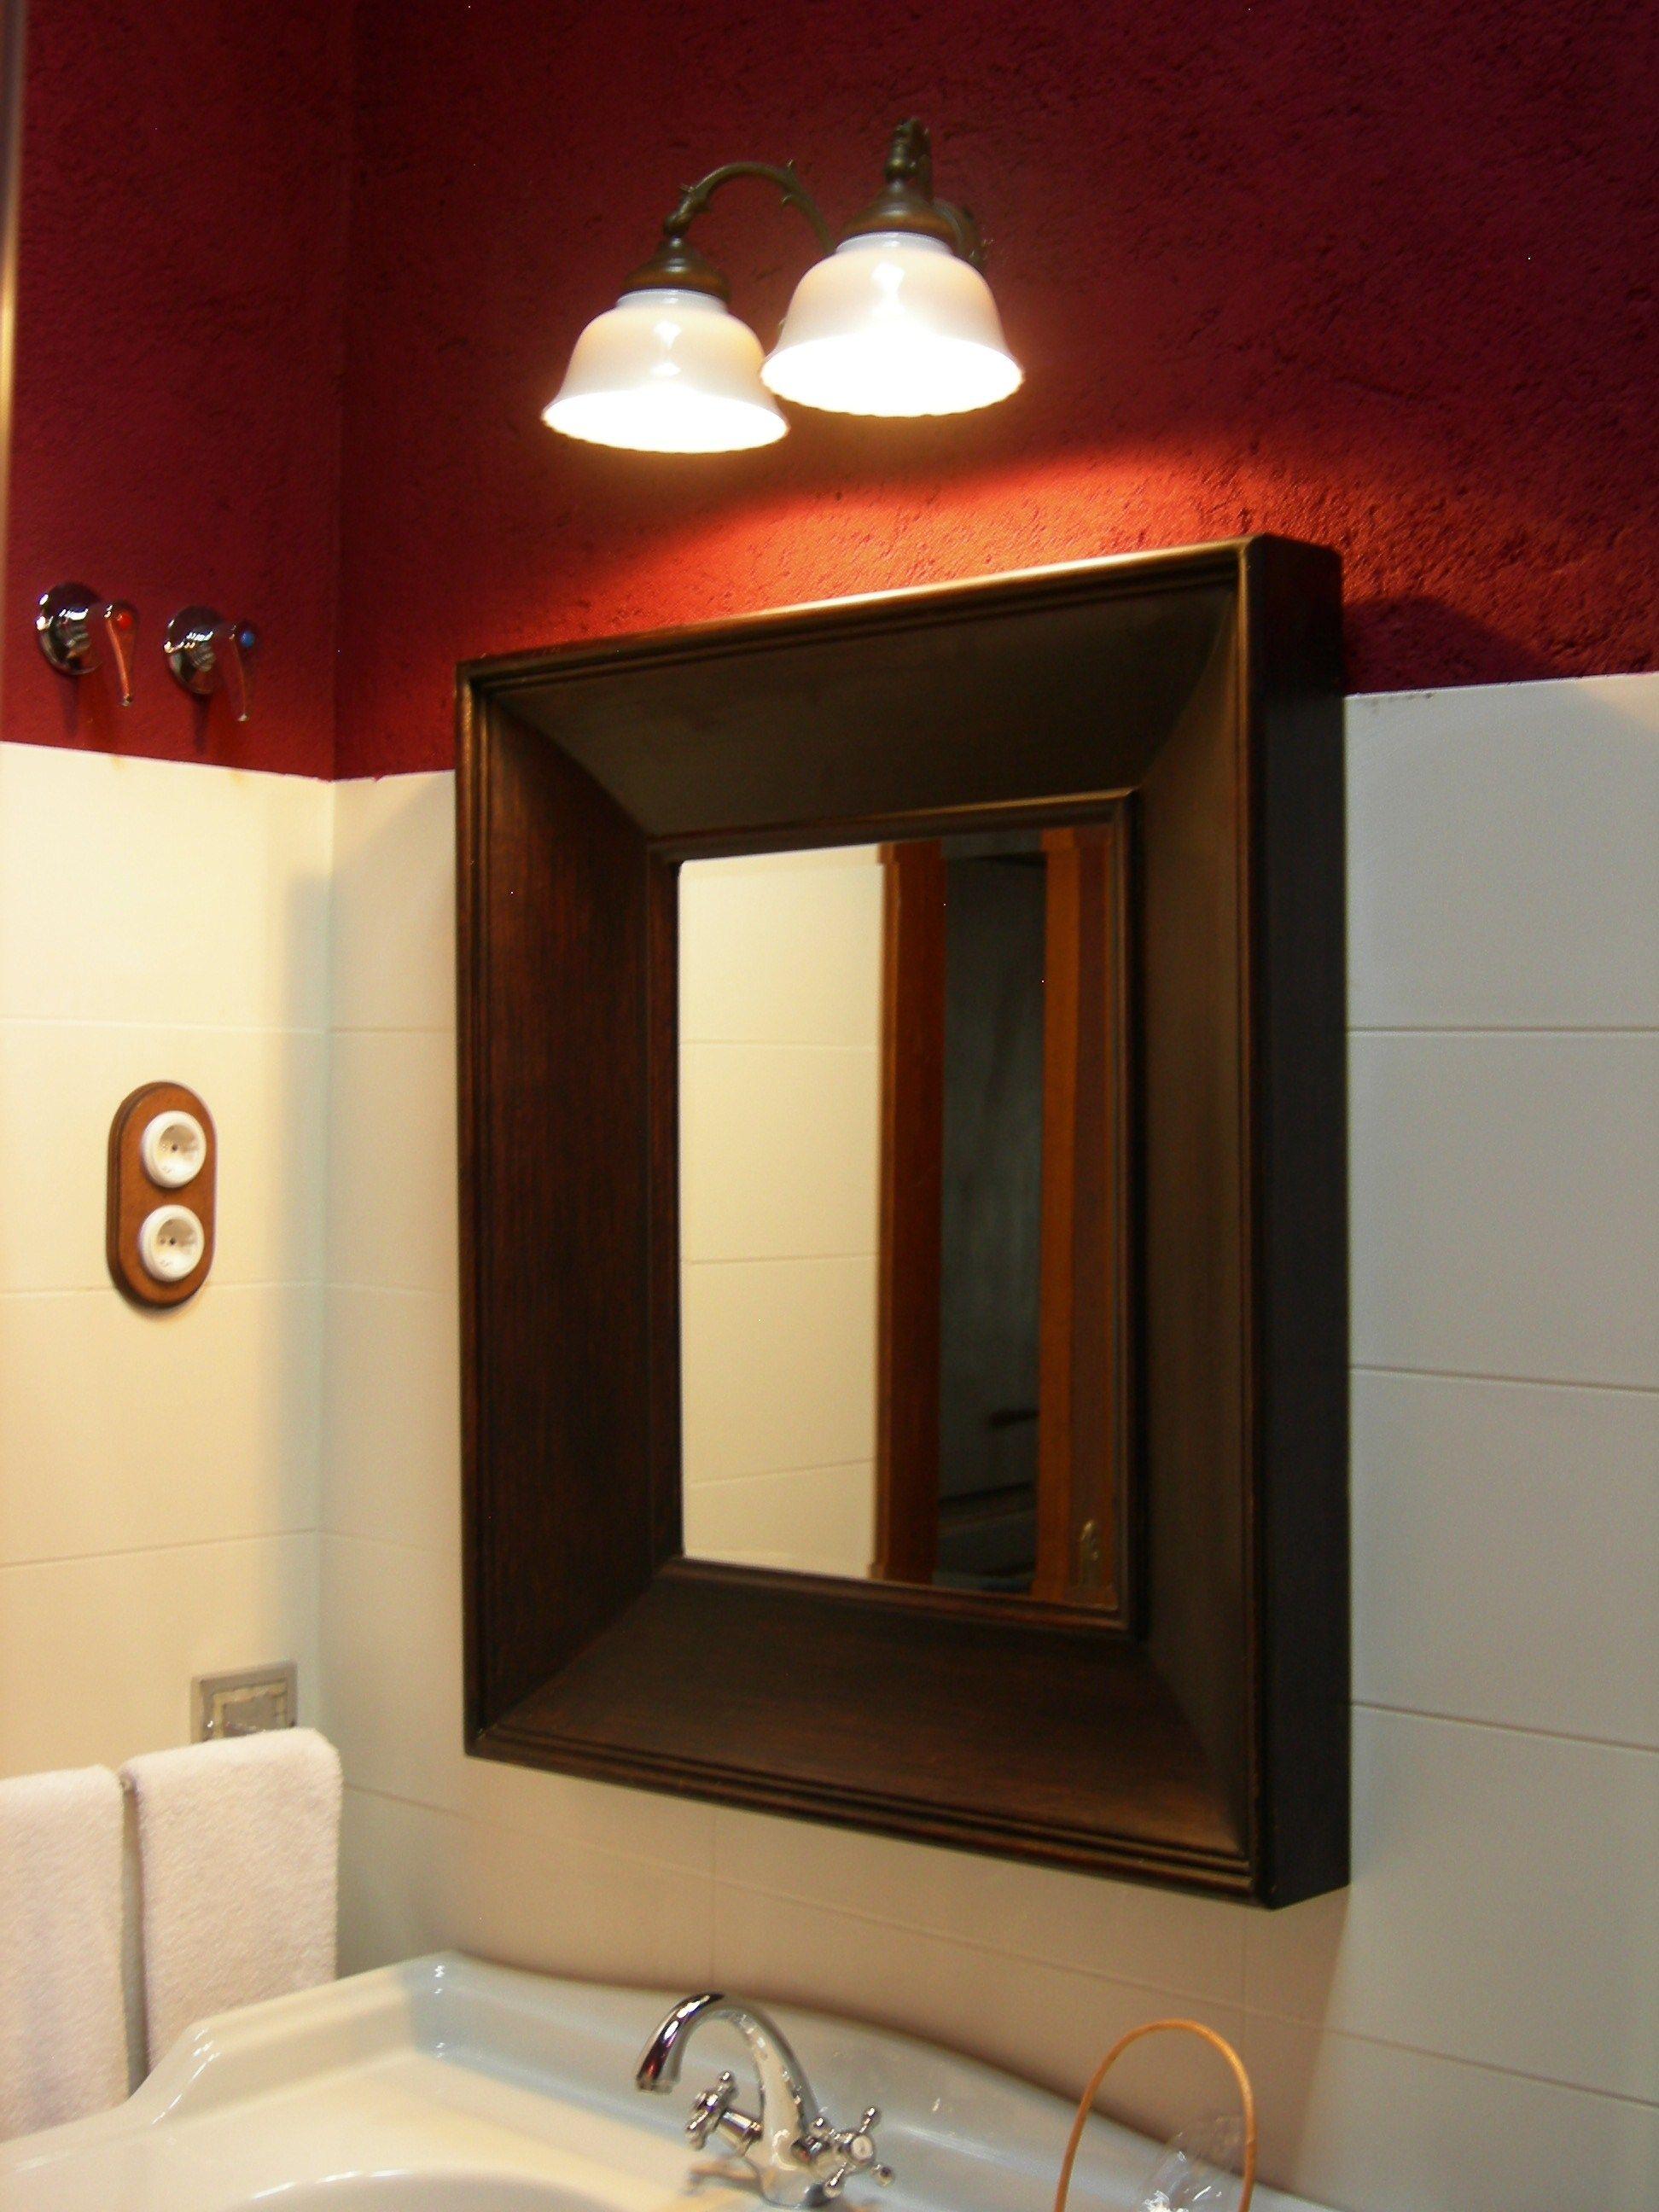 Wc Cuarto de baño completo con iluminación cenital | Casa San Isidro ...